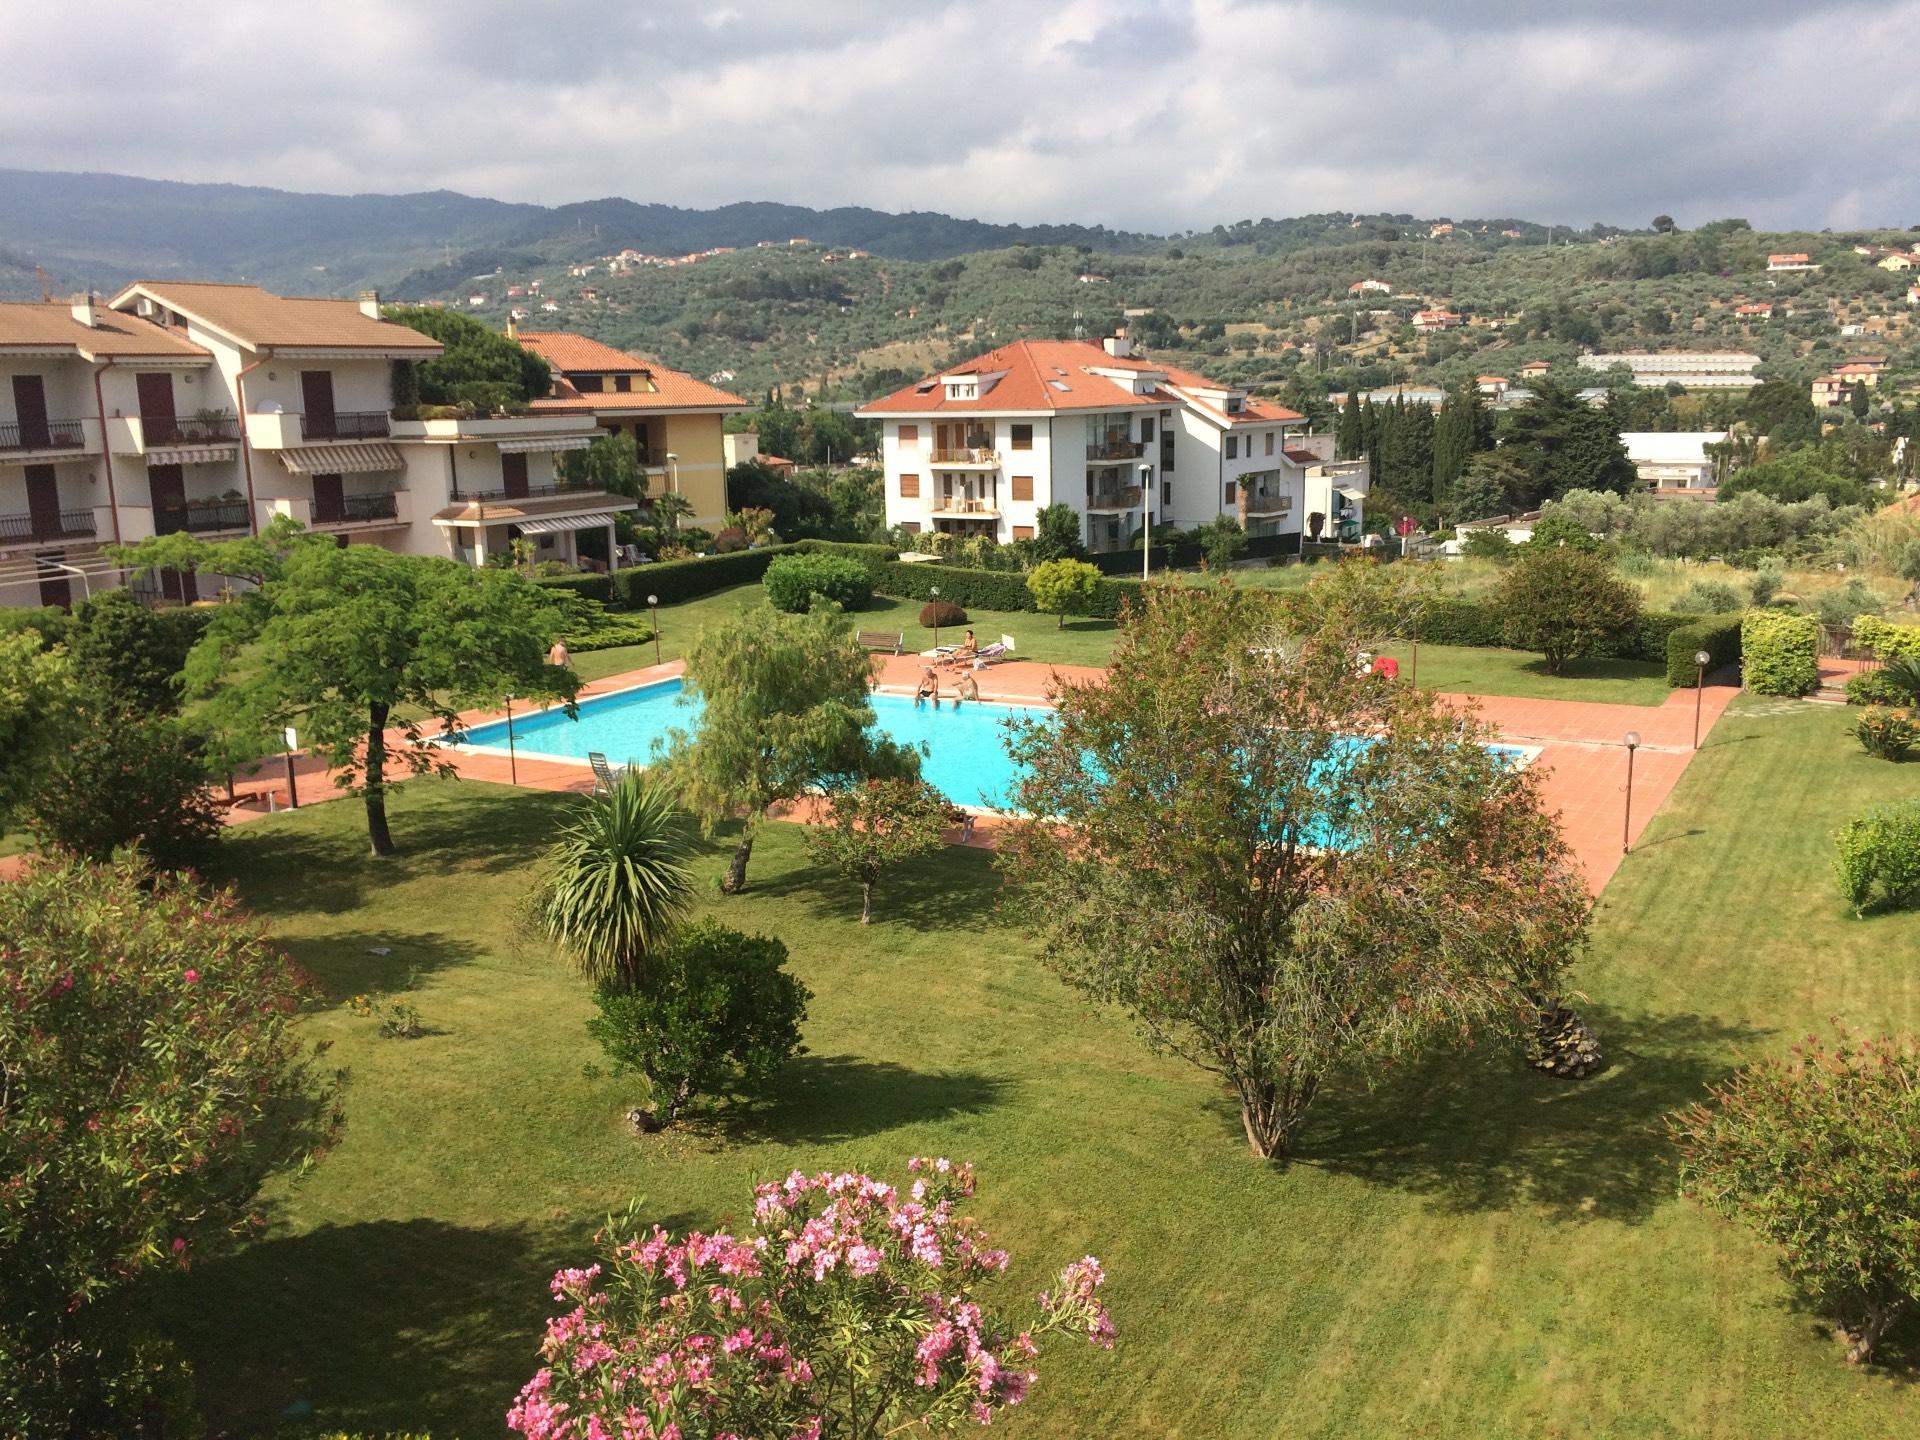 Agriturismo in vendita a Diano Marina, 4 locali, prezzo € 315.000   Cambio Casa.it